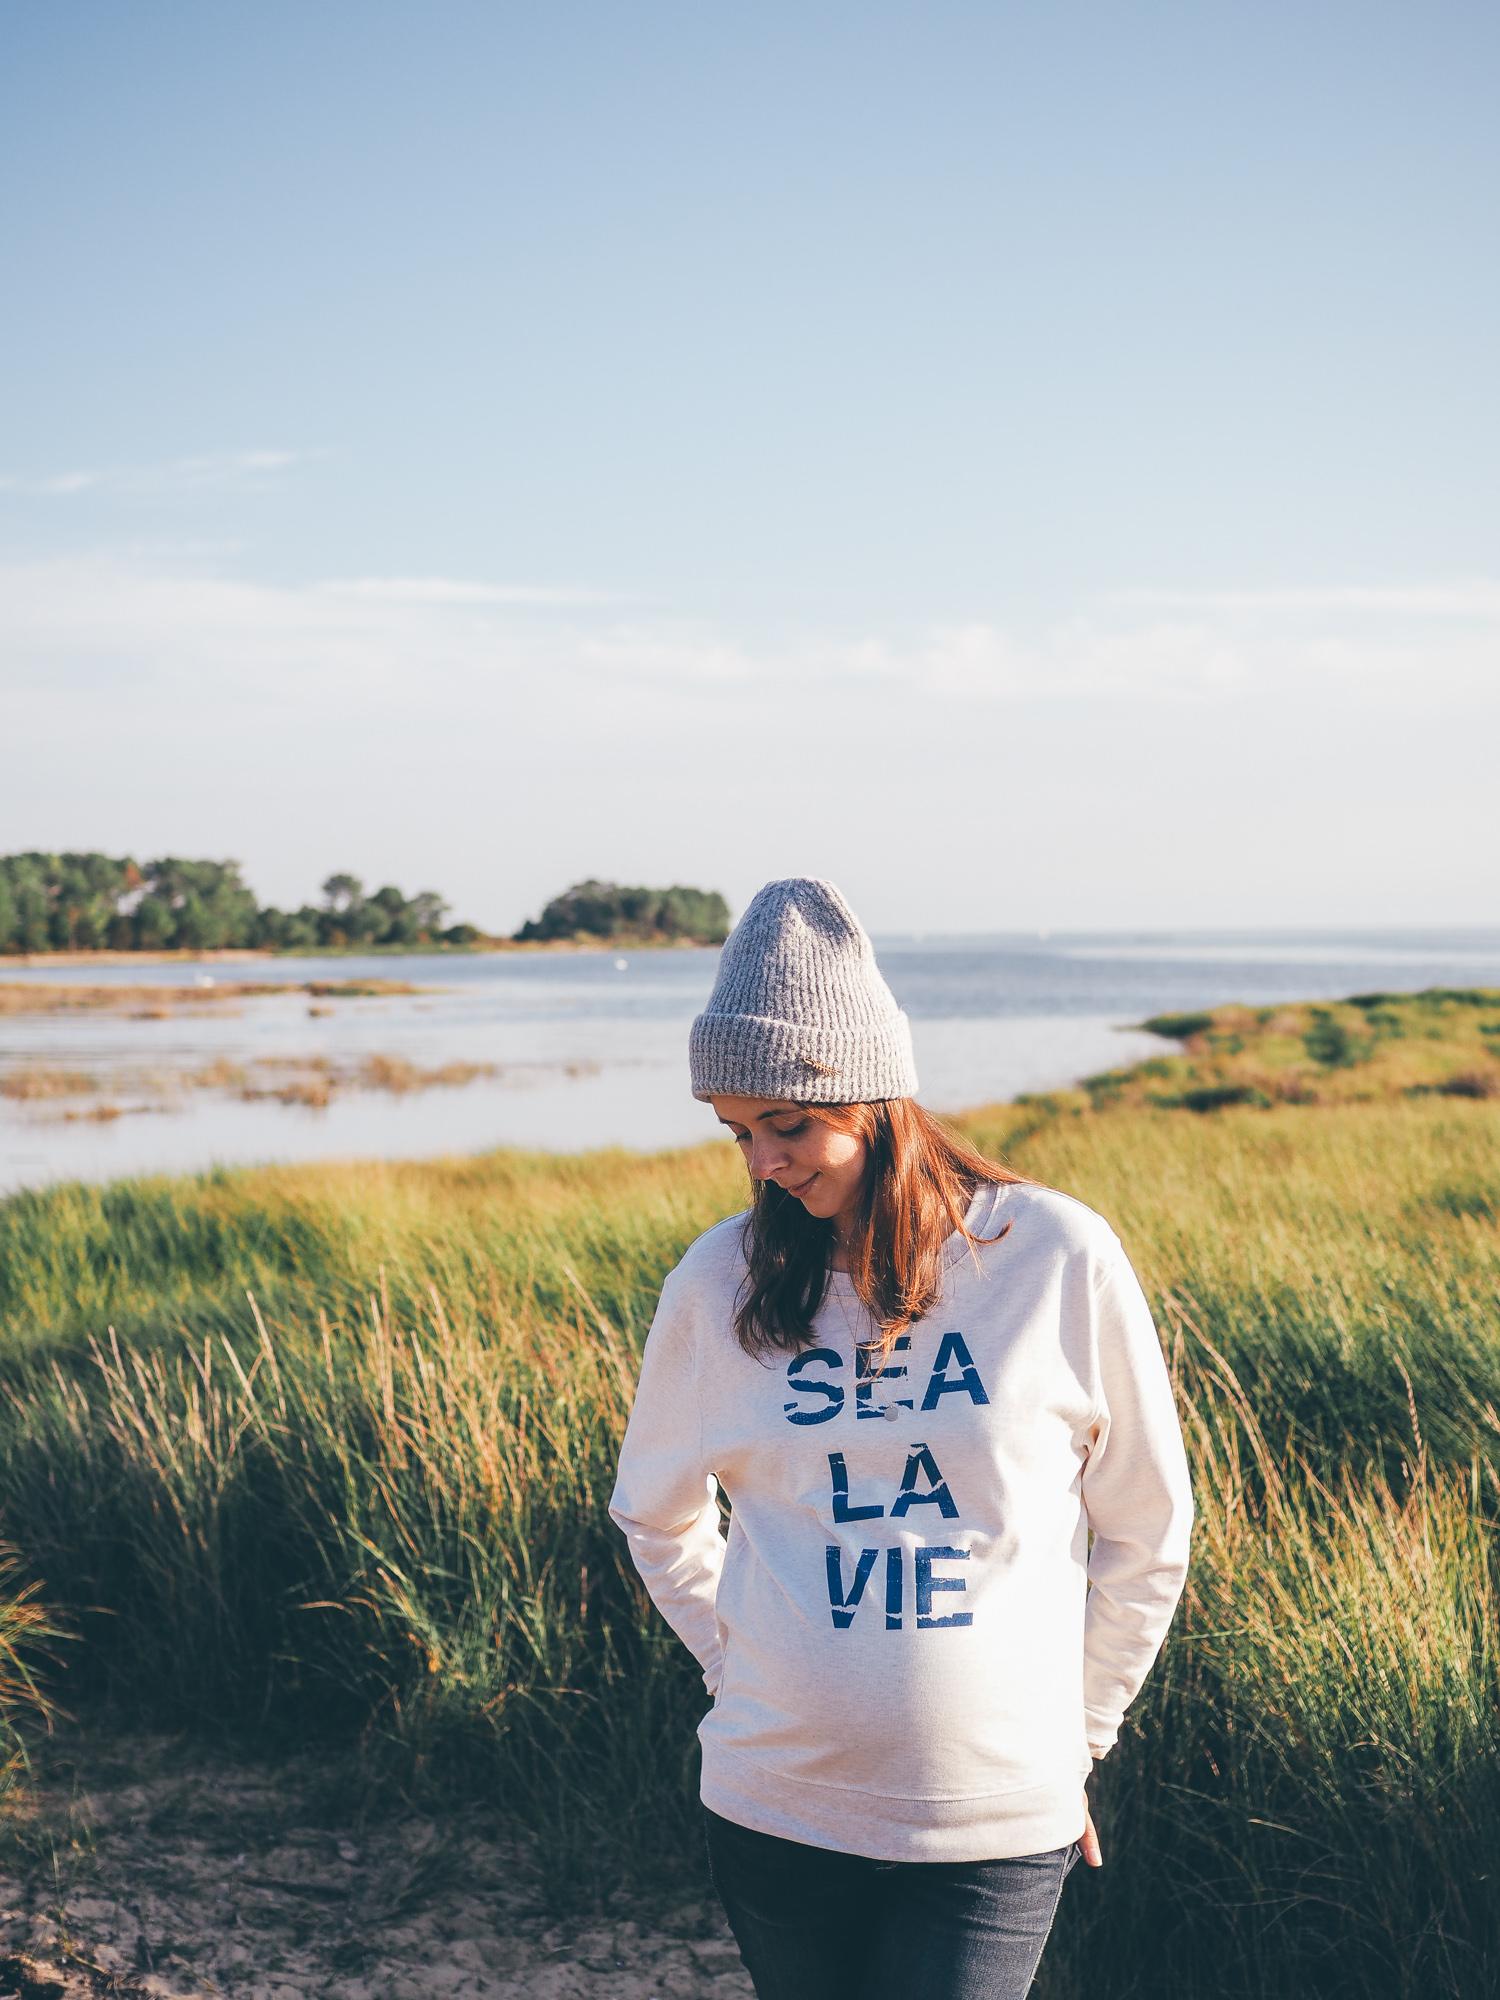 Leaf • Précieux océans, les protéger à notre échelle